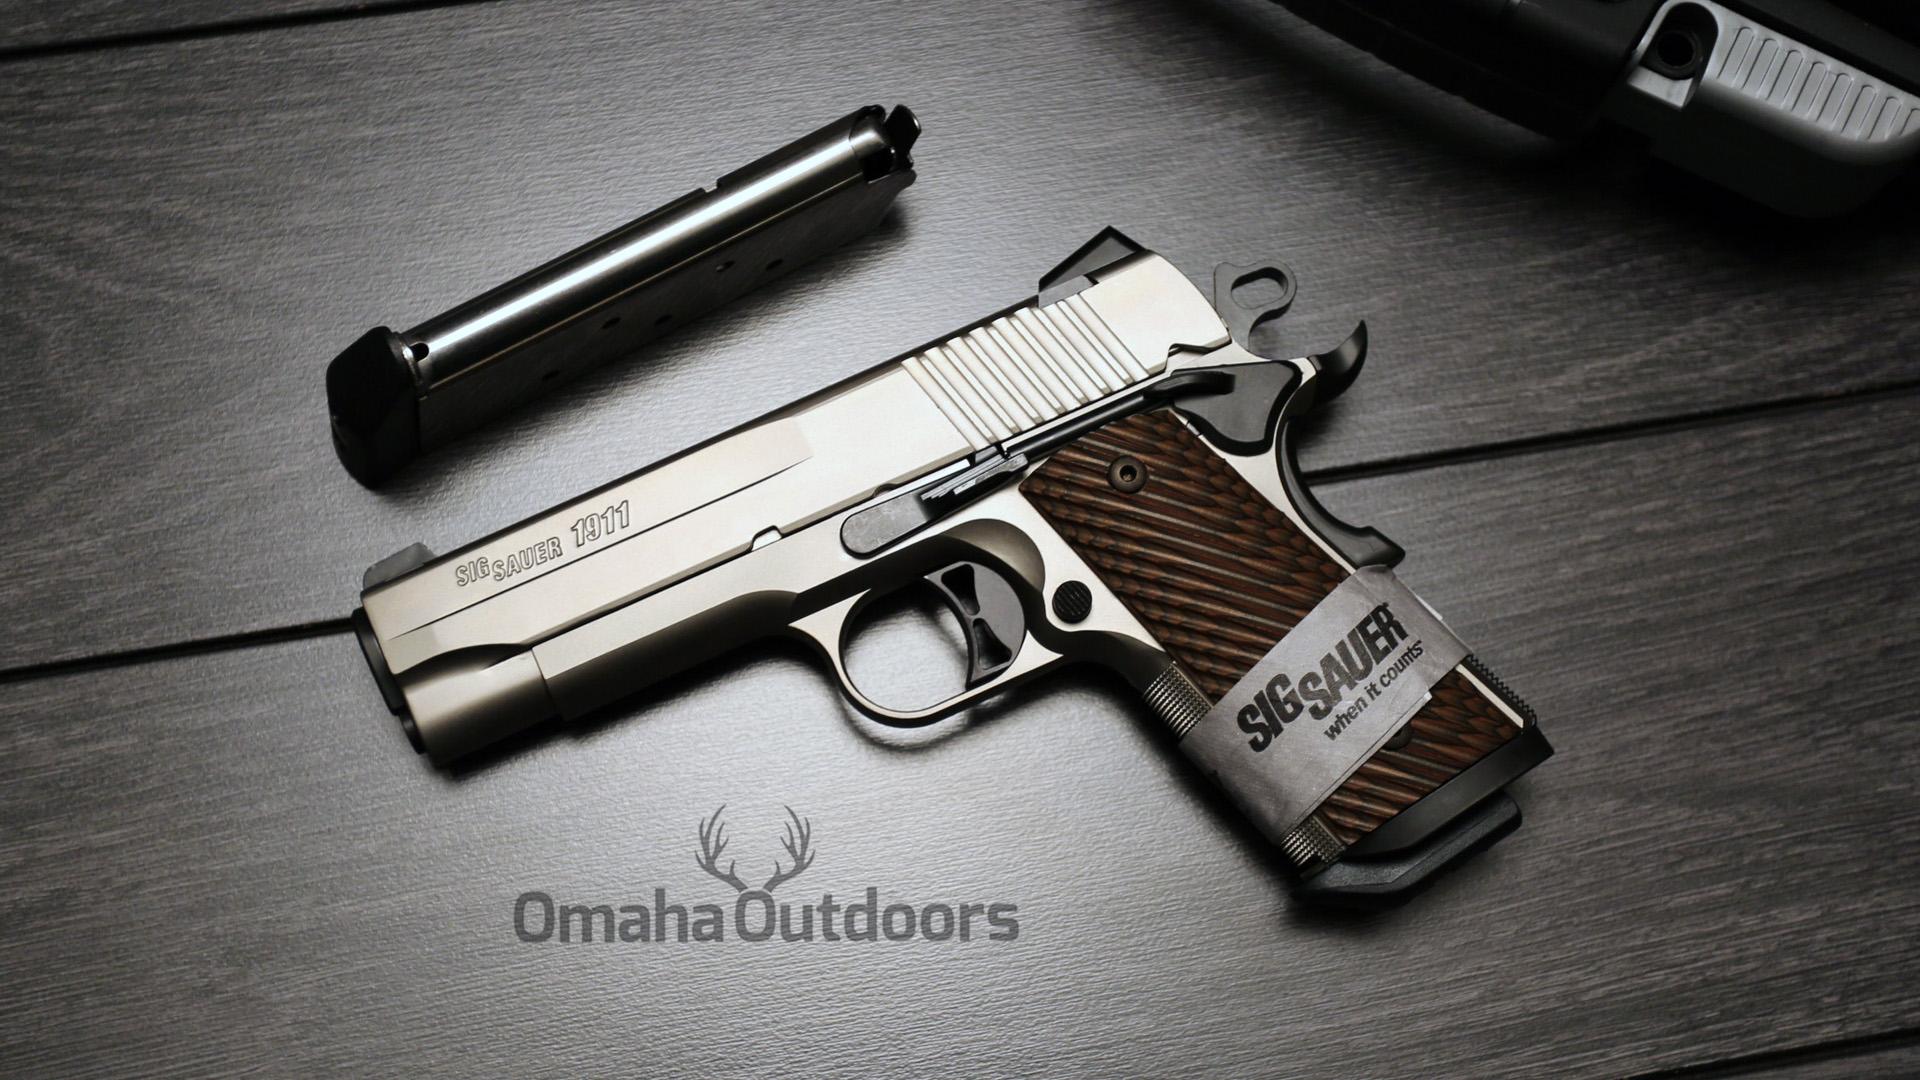 sig-sauer-1911-compact-nickel-45acp-1920-1080